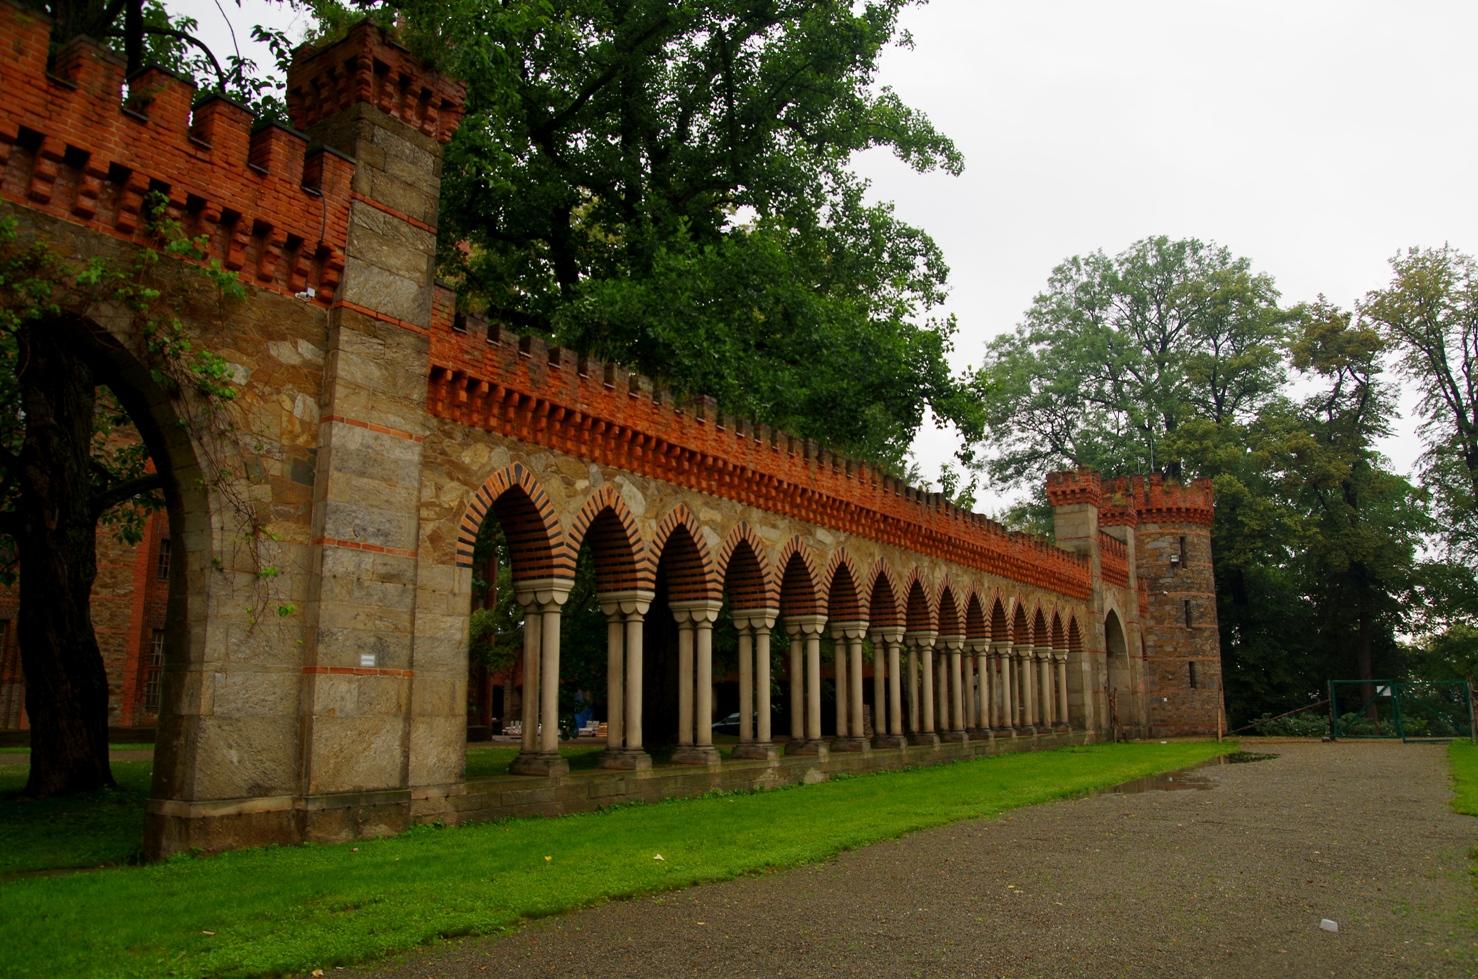 Pałac w Kamieńcu Ząbkowickim - arkady